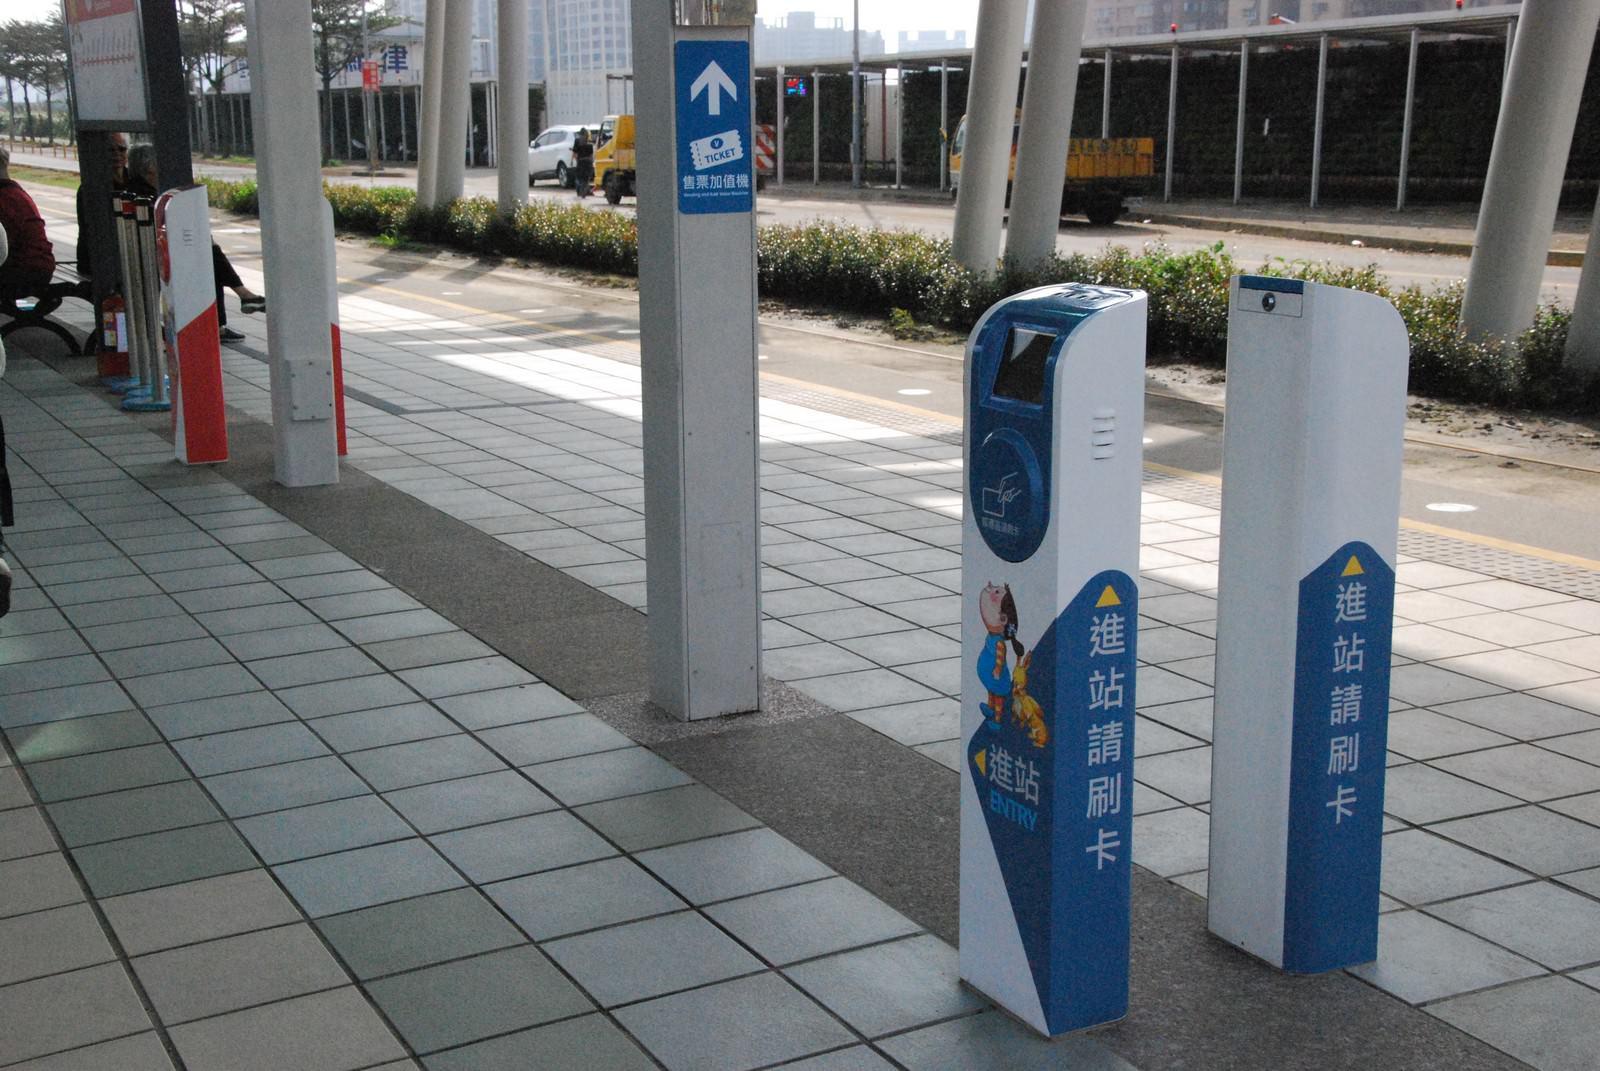 淡海輕軌綠山線, 輕軌崁頂站, 刷卡機